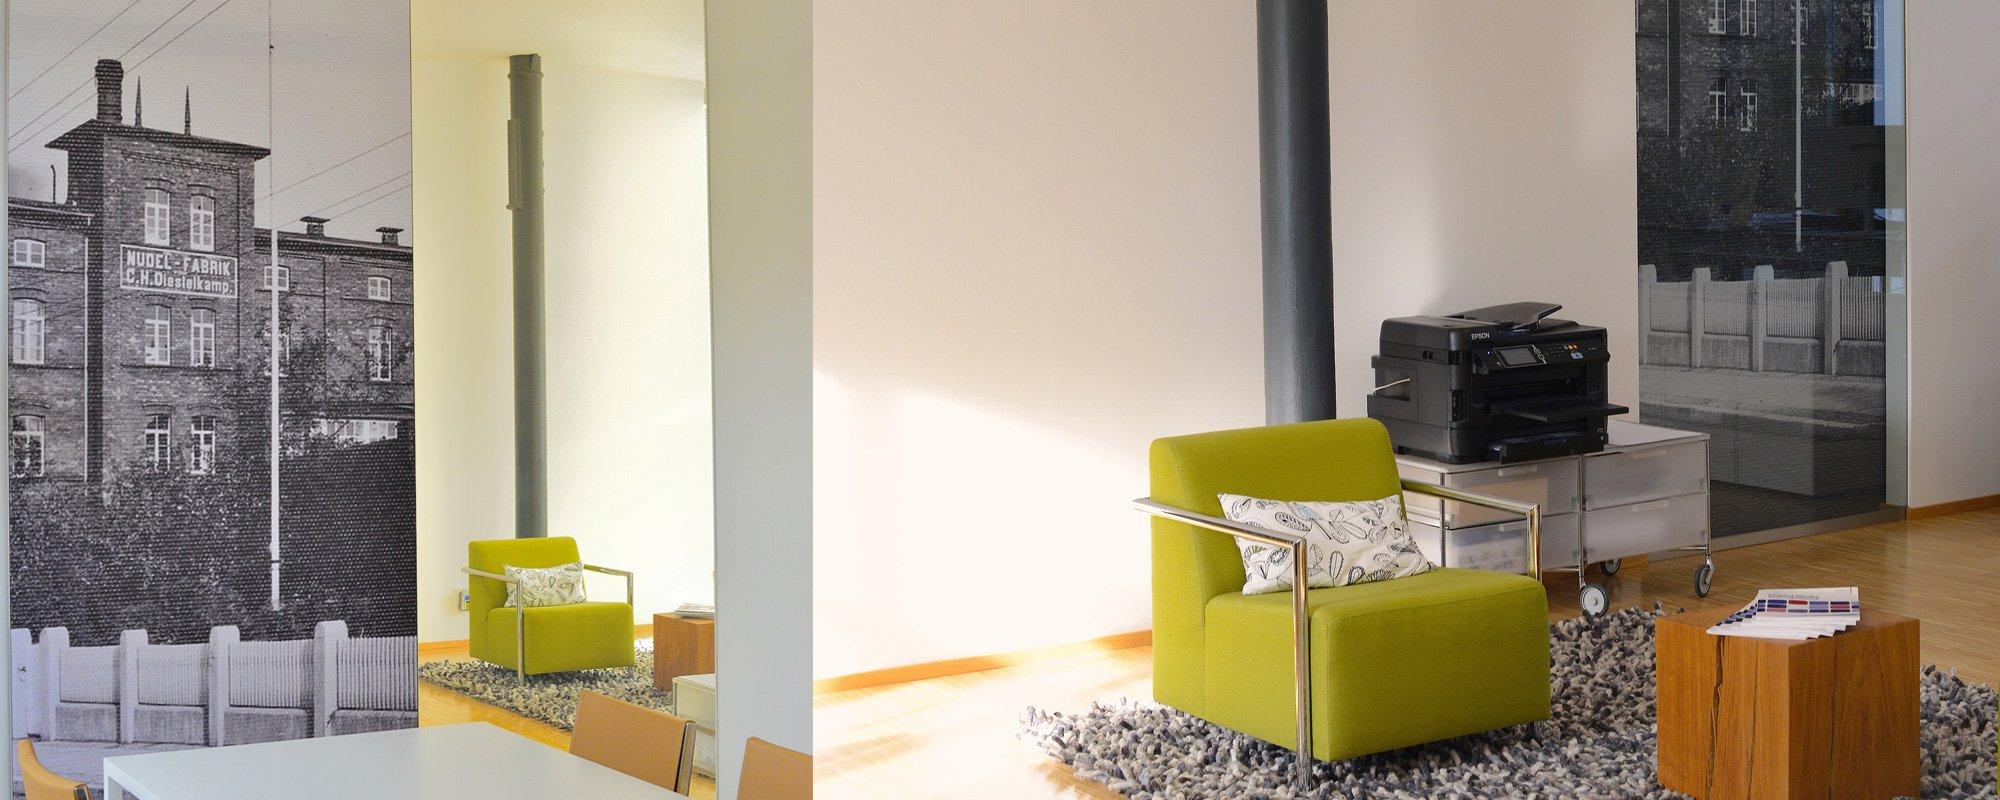 trennwand bauen trennwand mit schrank with trennwand bauen trennwand bauen das mauern ohne. Black Bedroom Furniture Sets. Home Design Ideas